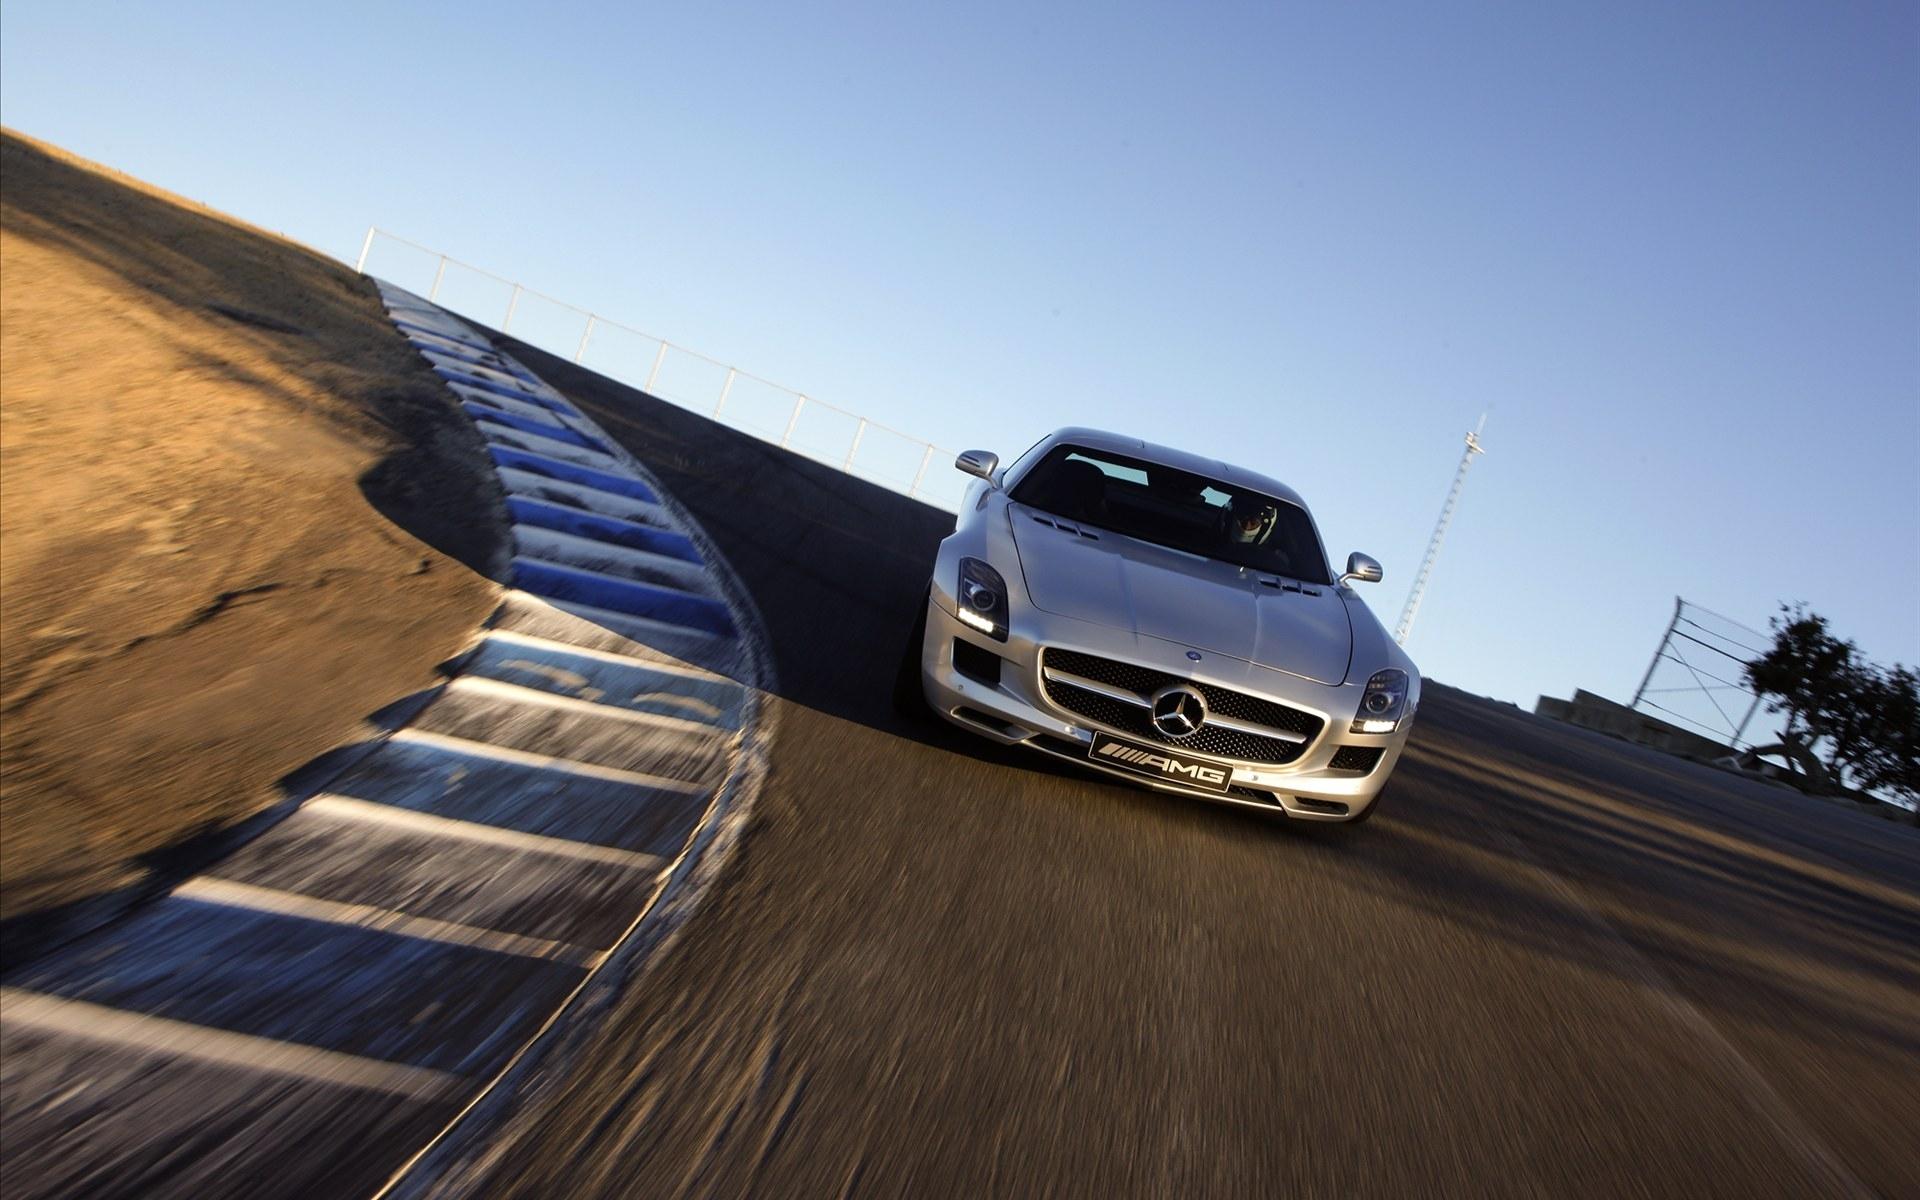 48726 скачать обои Транспорт, Машины, Дороги, Мерседес (Mercedes) - заставки и картинки бесплатно